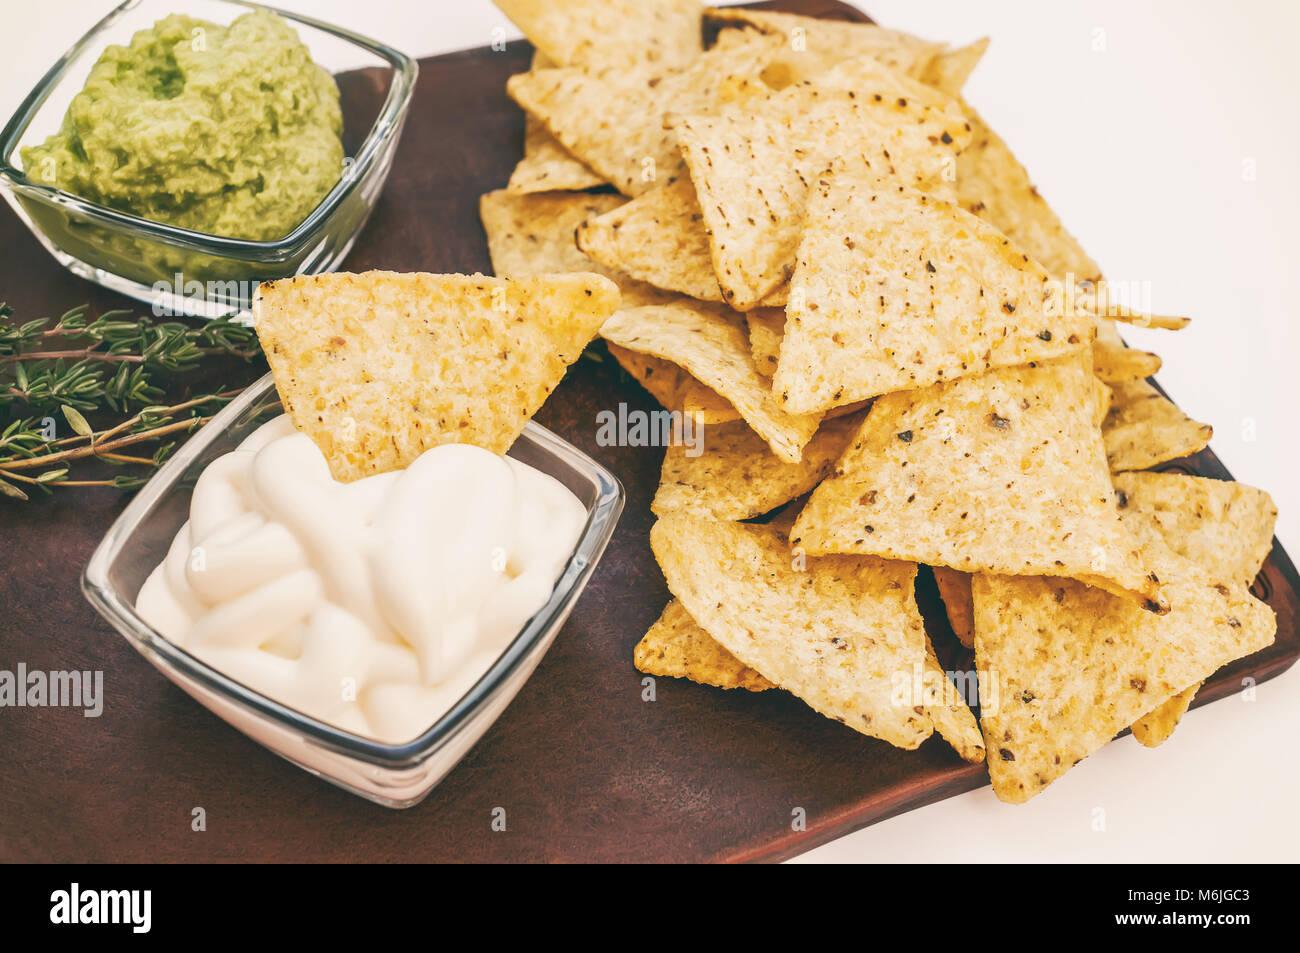 Ricetta Nachos Fritti.Sfondo Di Tortilla Di Mais O Nachos Fritti Su Un Fuoco Aperto Con Salsa Di Caeso E Salsa Copia Dello Spazio Foto Stock Alamy